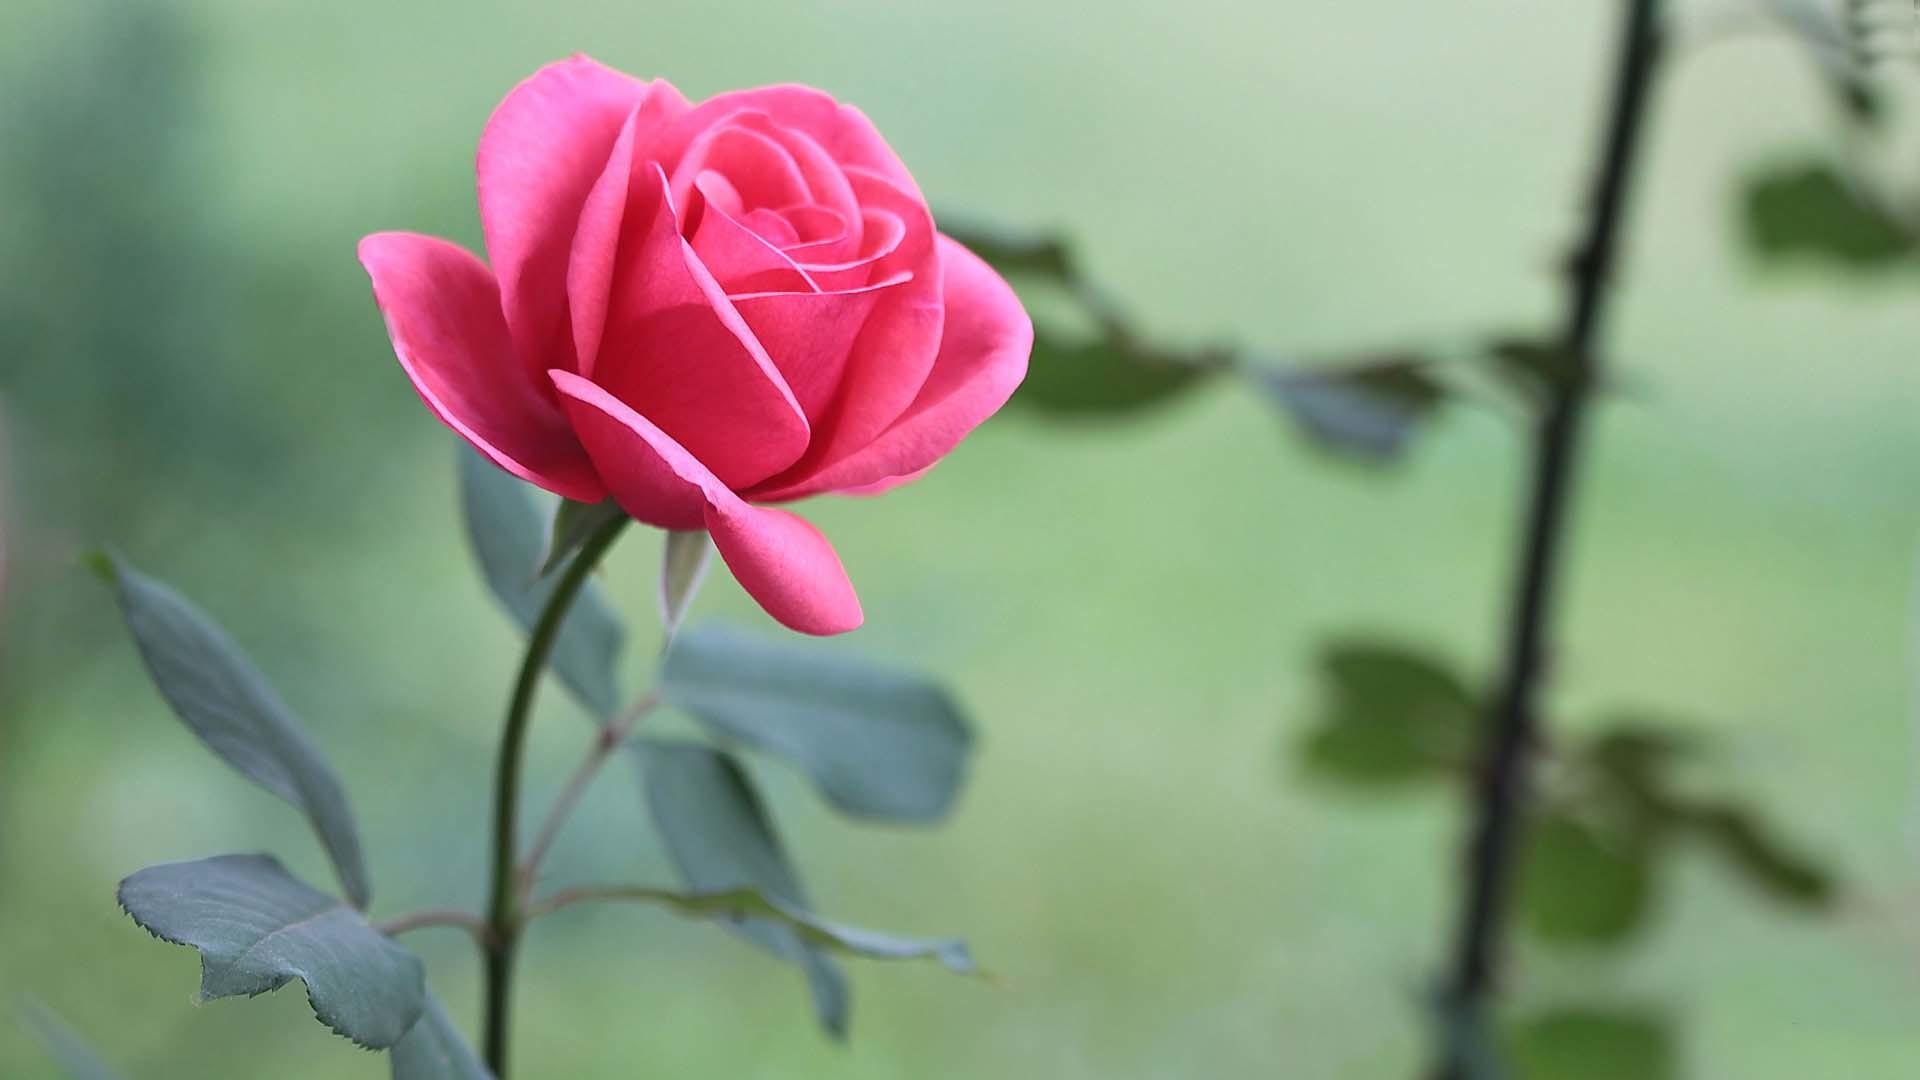 Roses wallpaper desktop 48 images - Rose desktop wallpaper hd ...